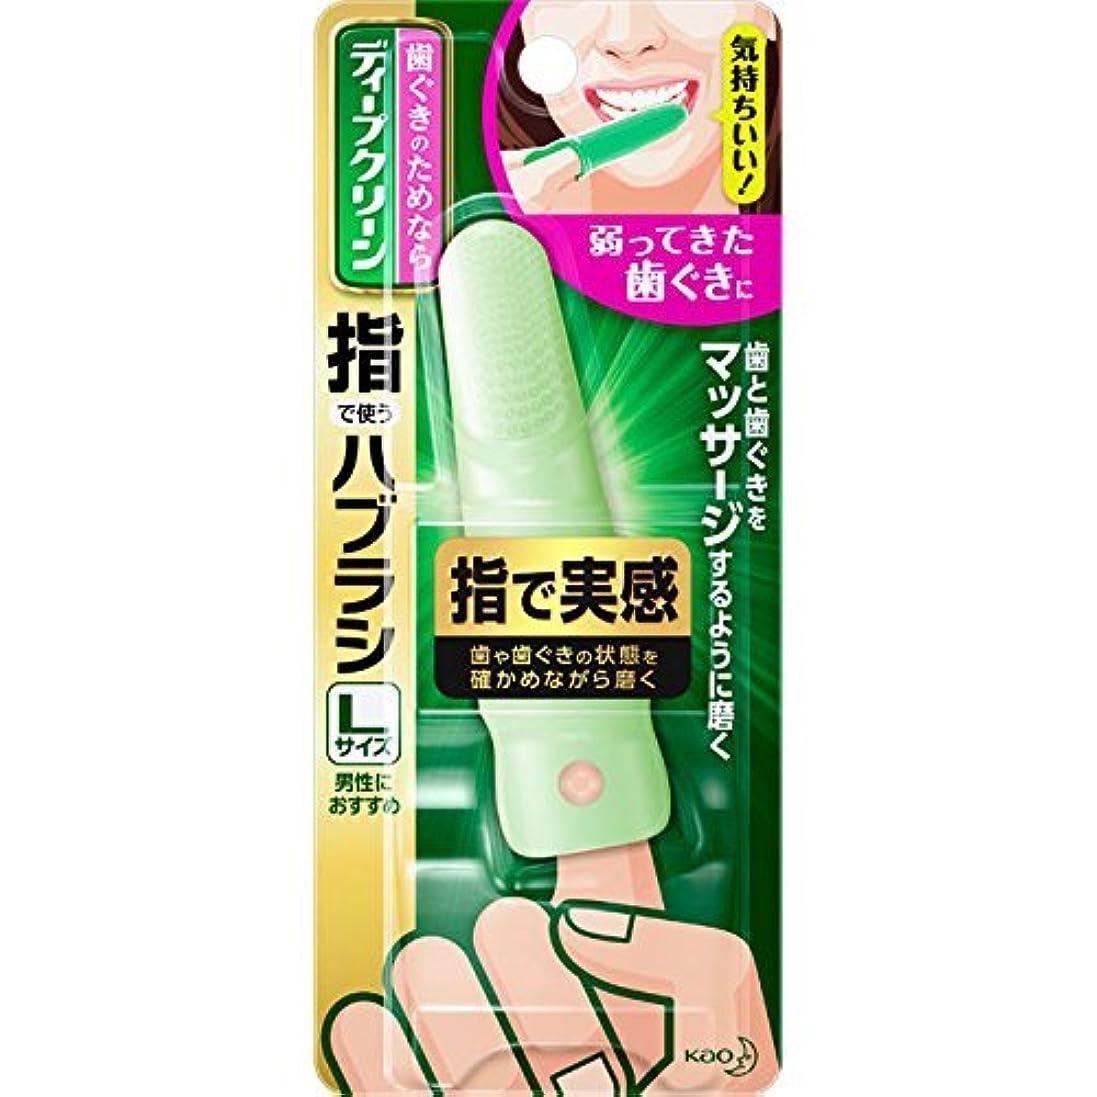 ゼロ葬儀条約ディープクリーン 指で使うハブラシ Lサイズ (男性におすすめサイズ)